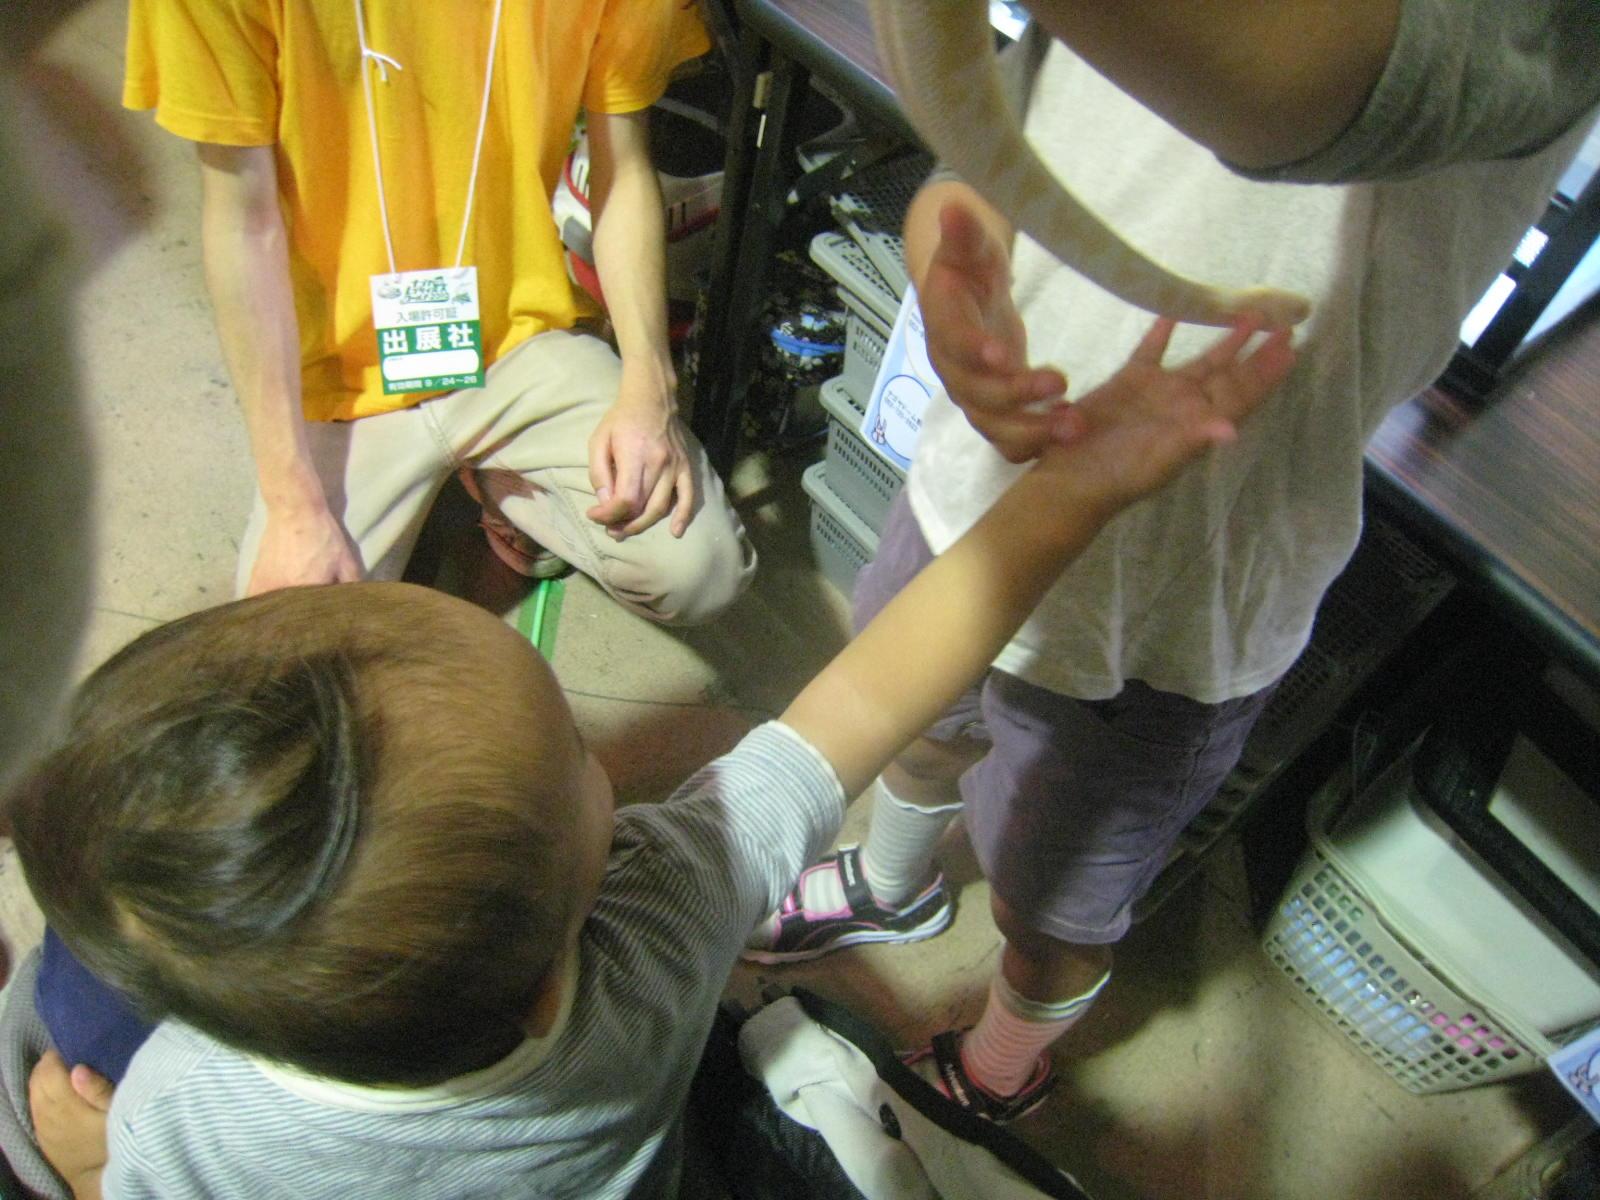 ナゴヤレプタイルズワールド2010へ(T-T) ウルウル_f0109257_8291852.jpg